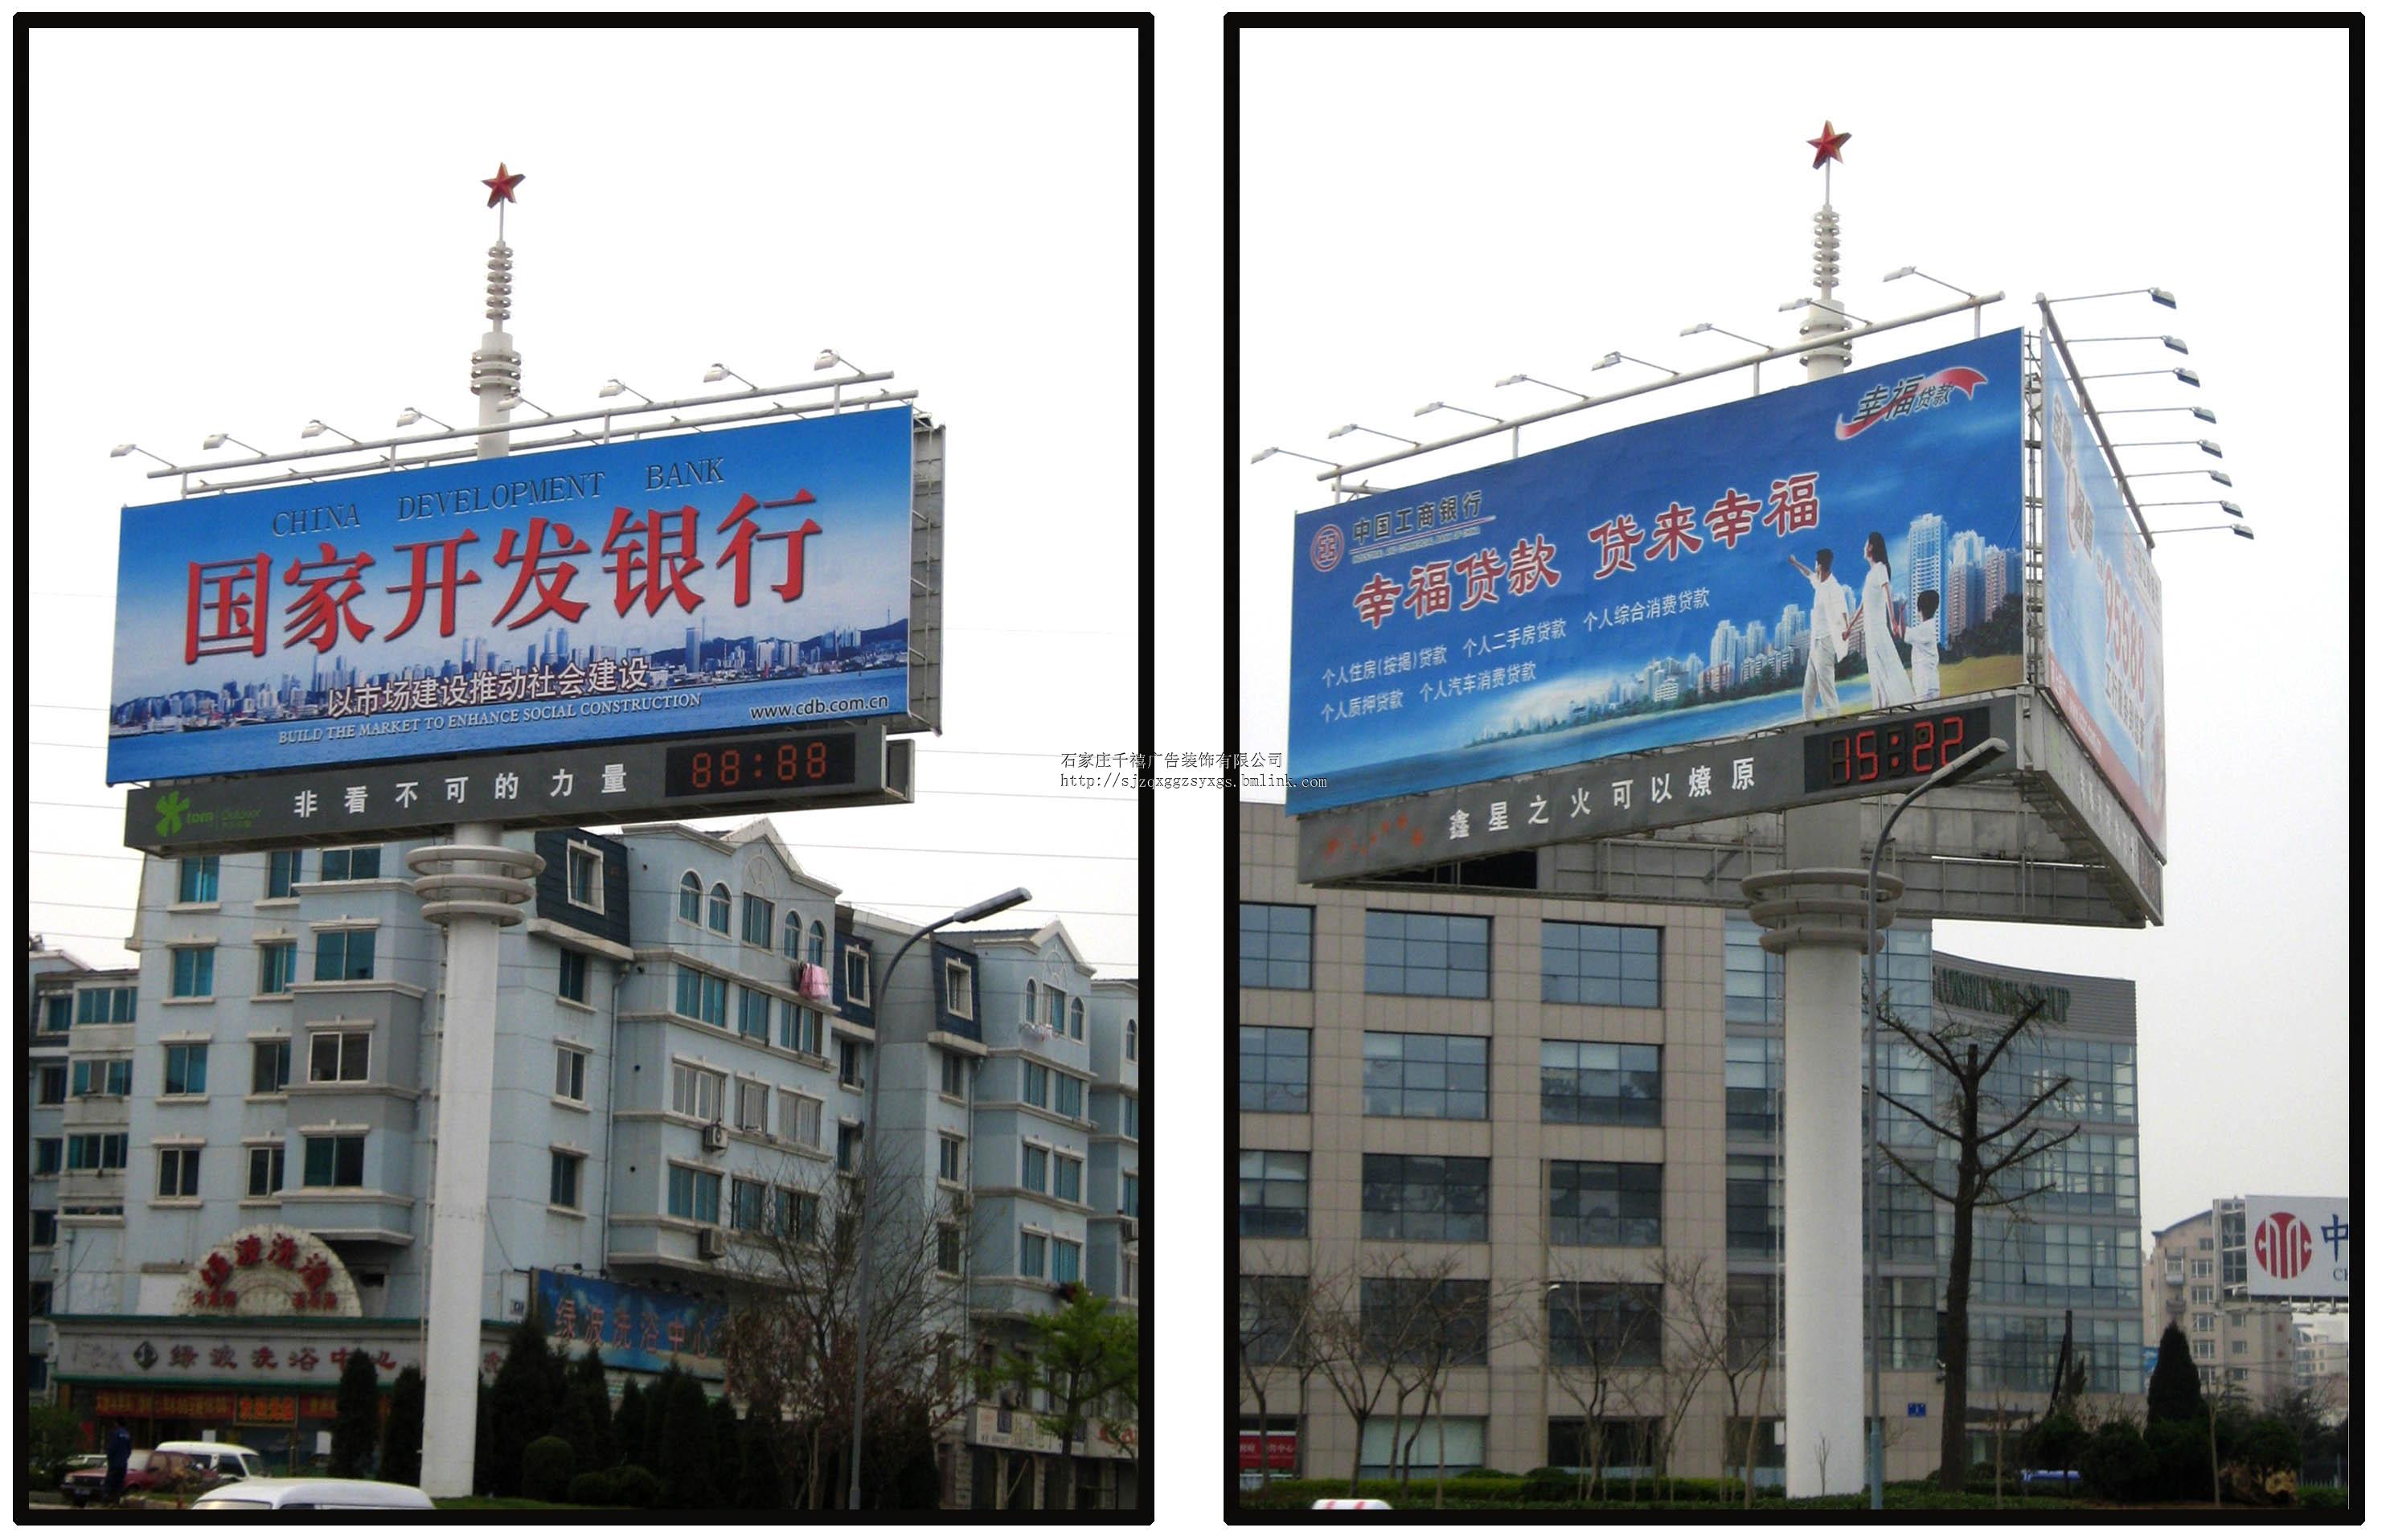 供应内蒙古单立柱广告牌制作厂家